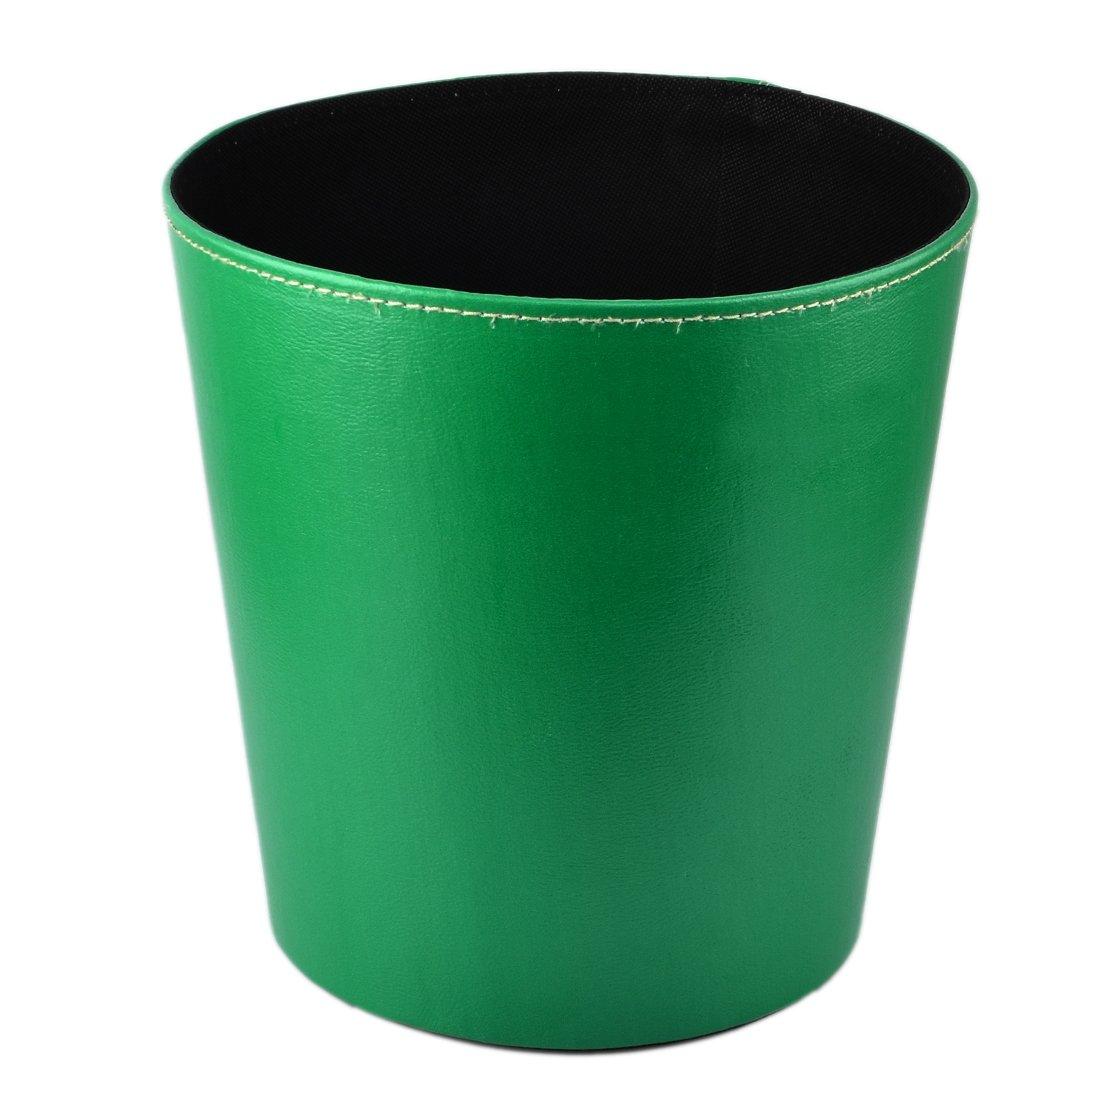 Garbage Bin, Lommer Design Simple PU Corbeille à papier poubelle sans couvercle, vert foncé, 10.2x10.2x7.8inch